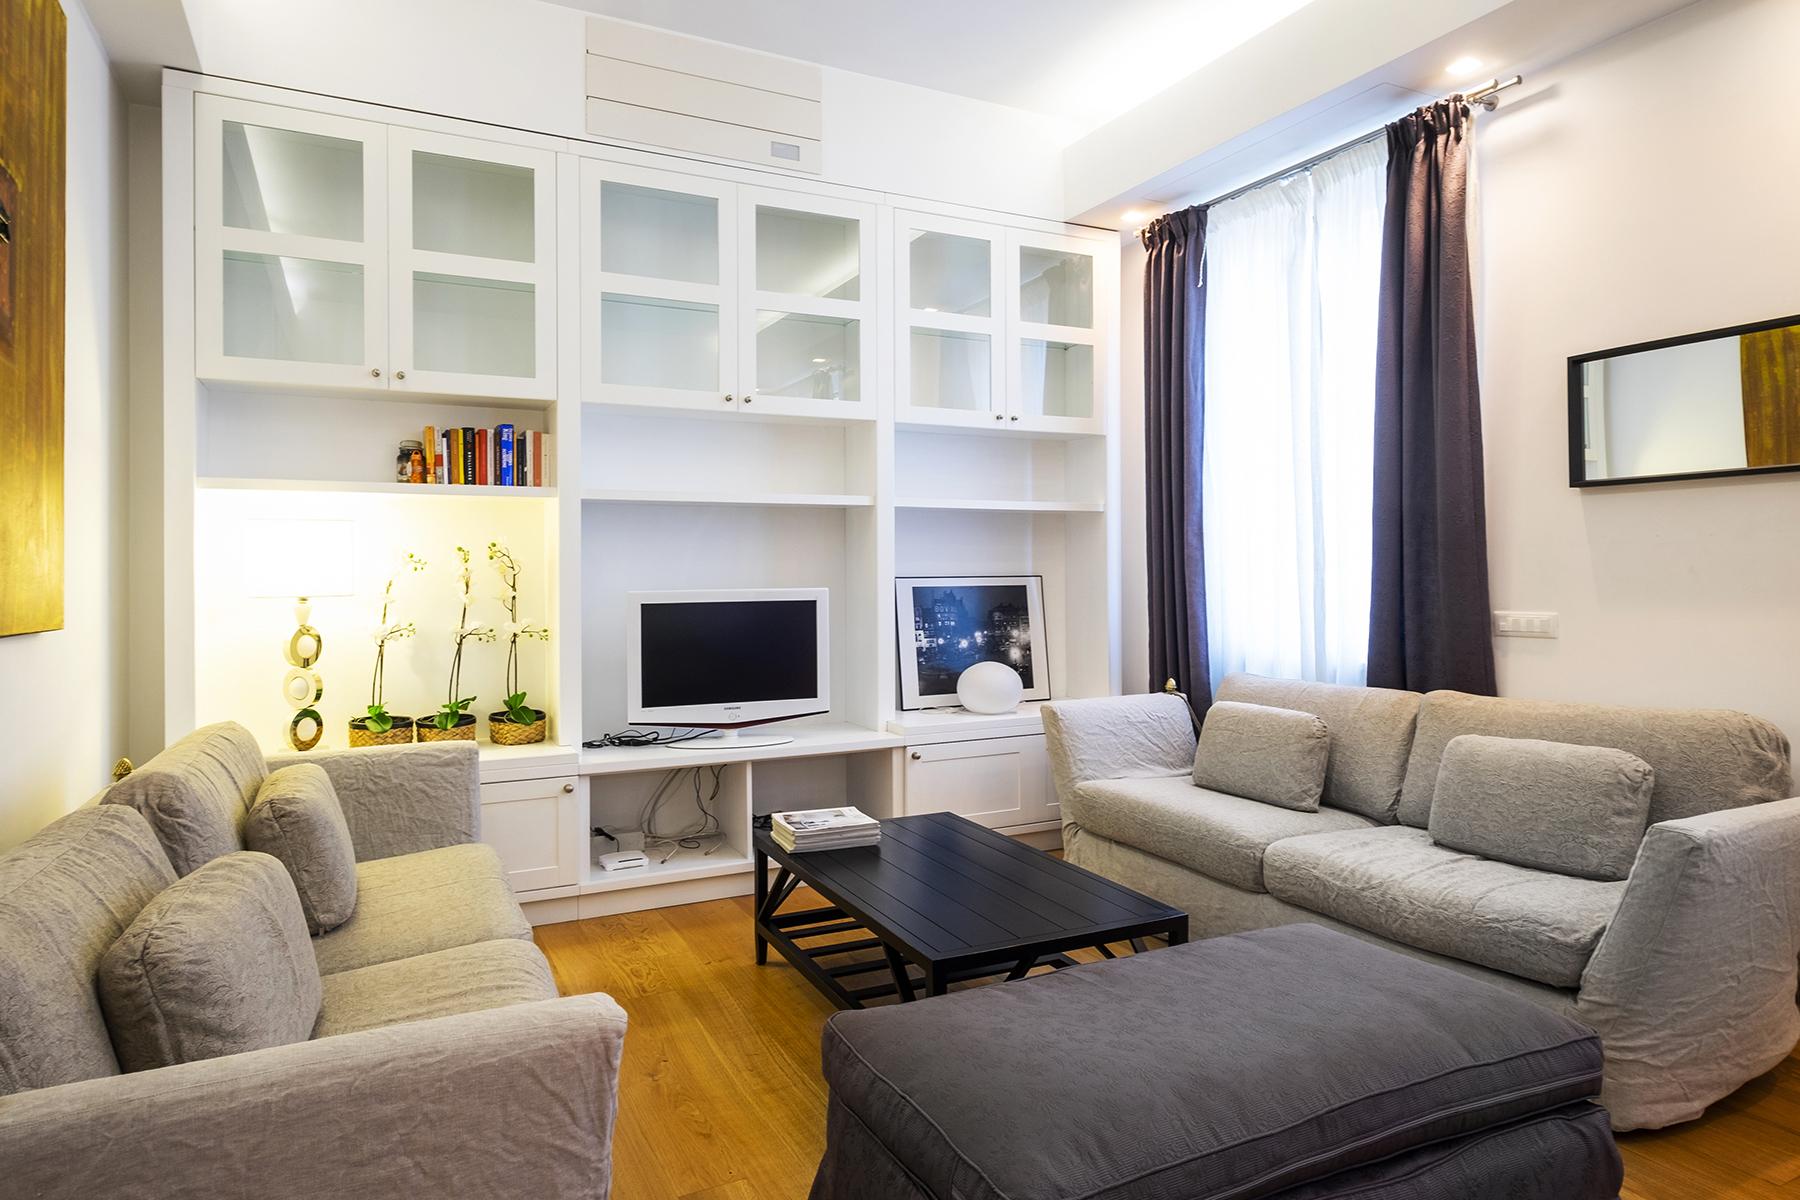 Appartamento di lusso in vendita a roma via viale parioli for Affitto studio medico roma parioli